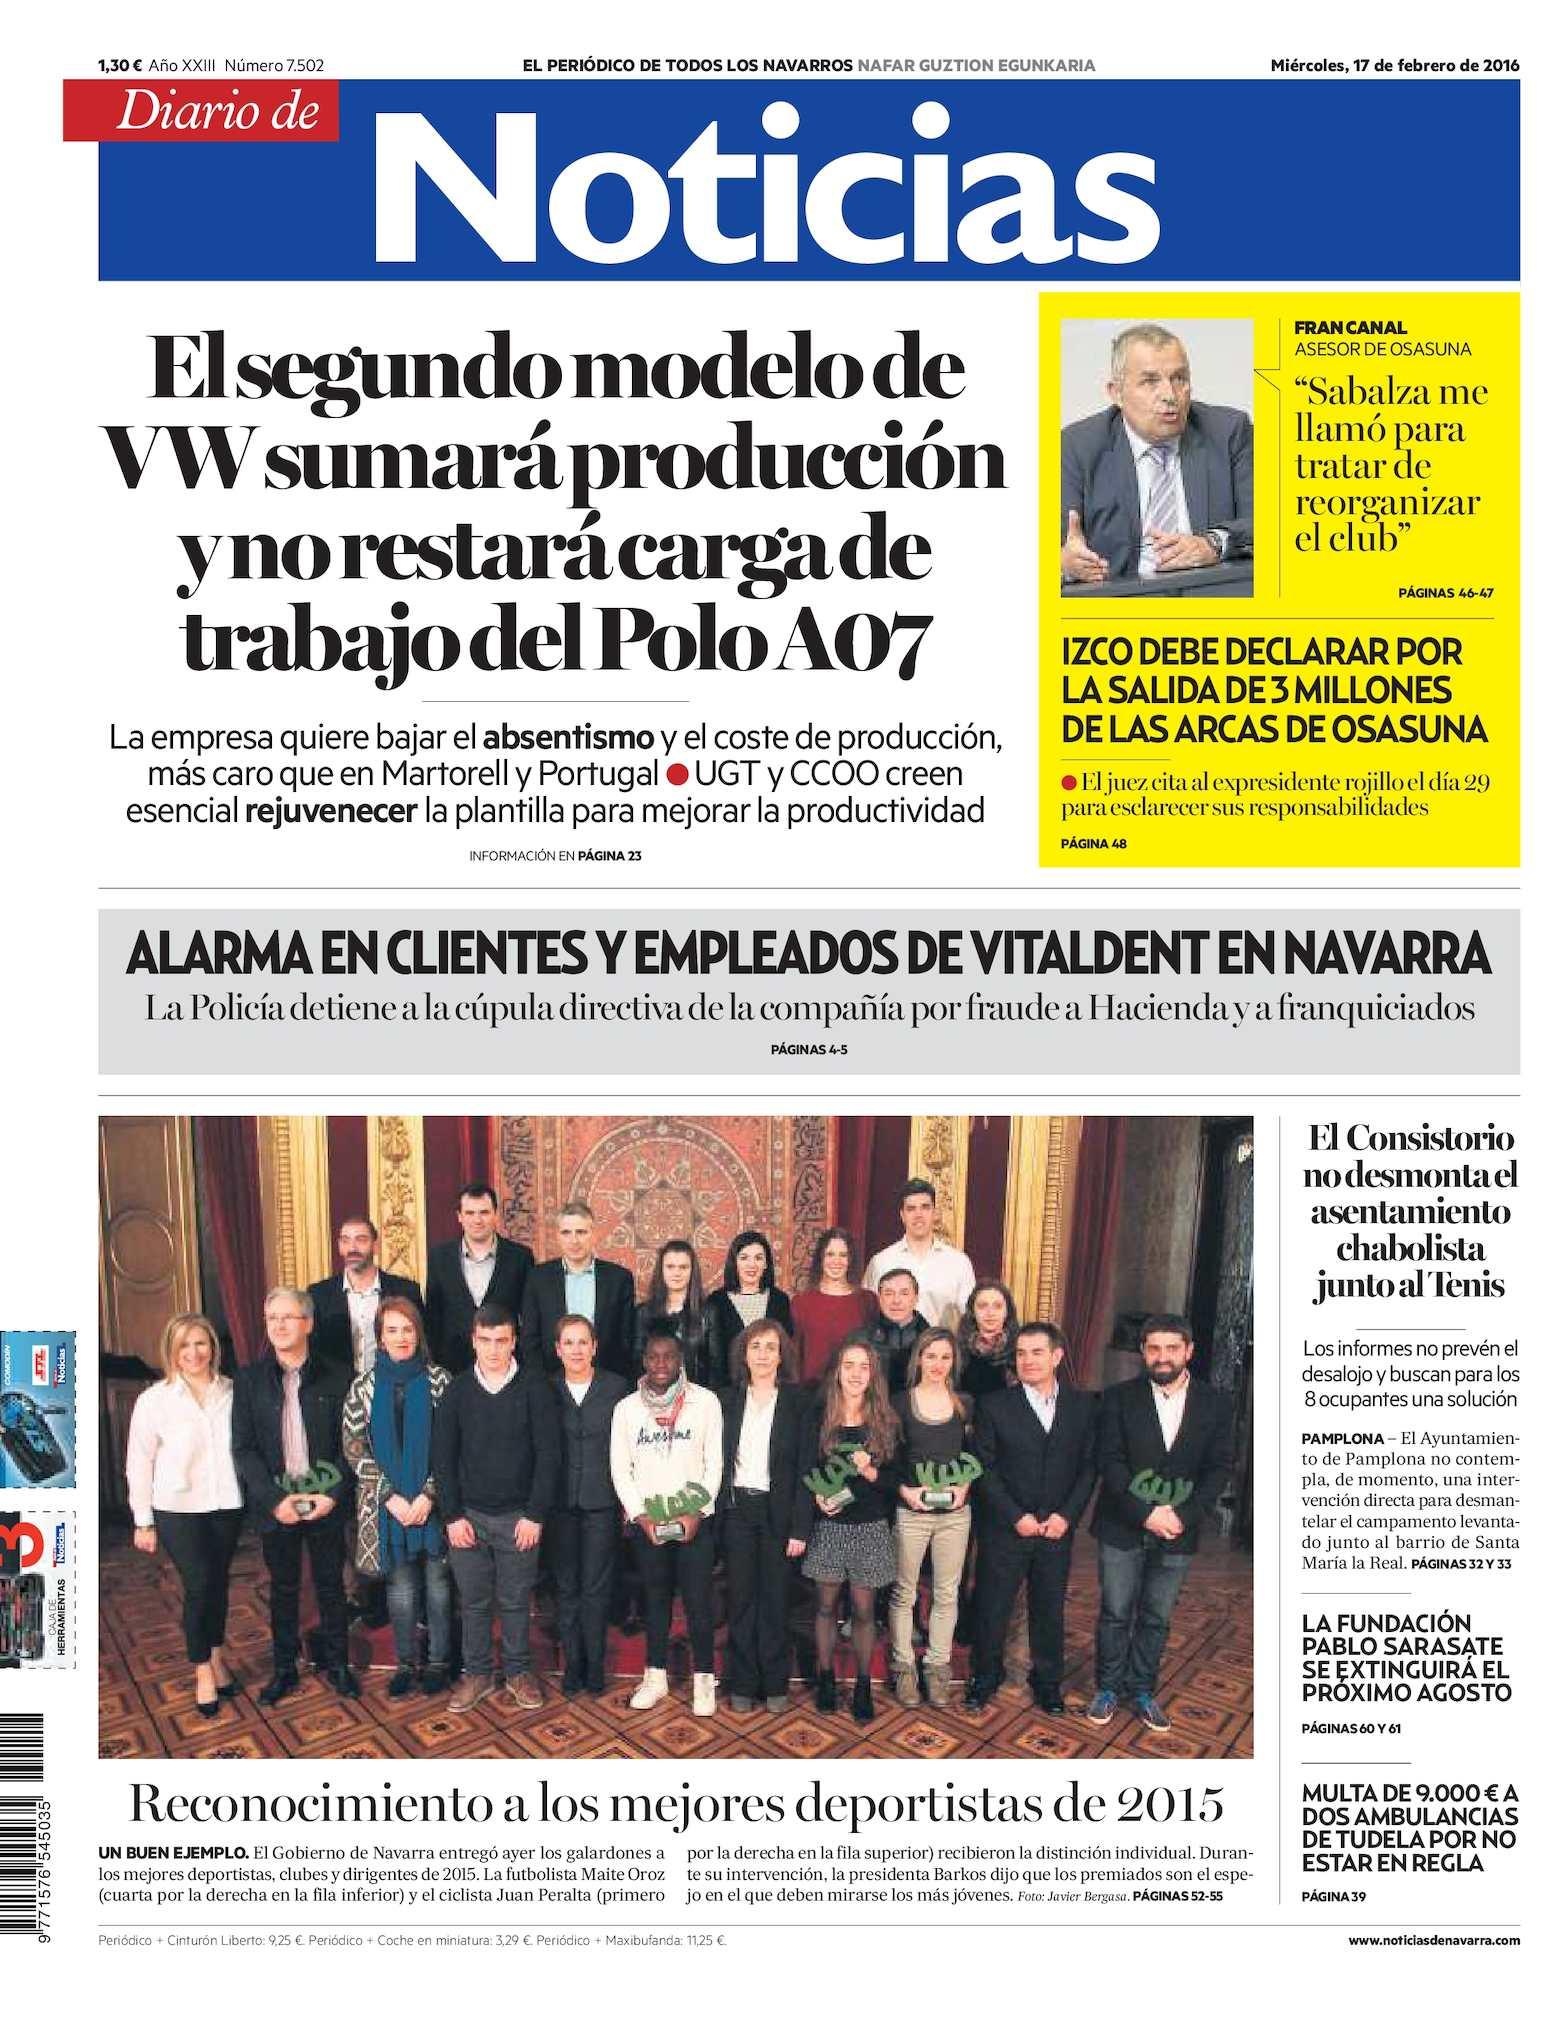 Calaméo - Diario de Noticias 20160217 1ba5b637ab2